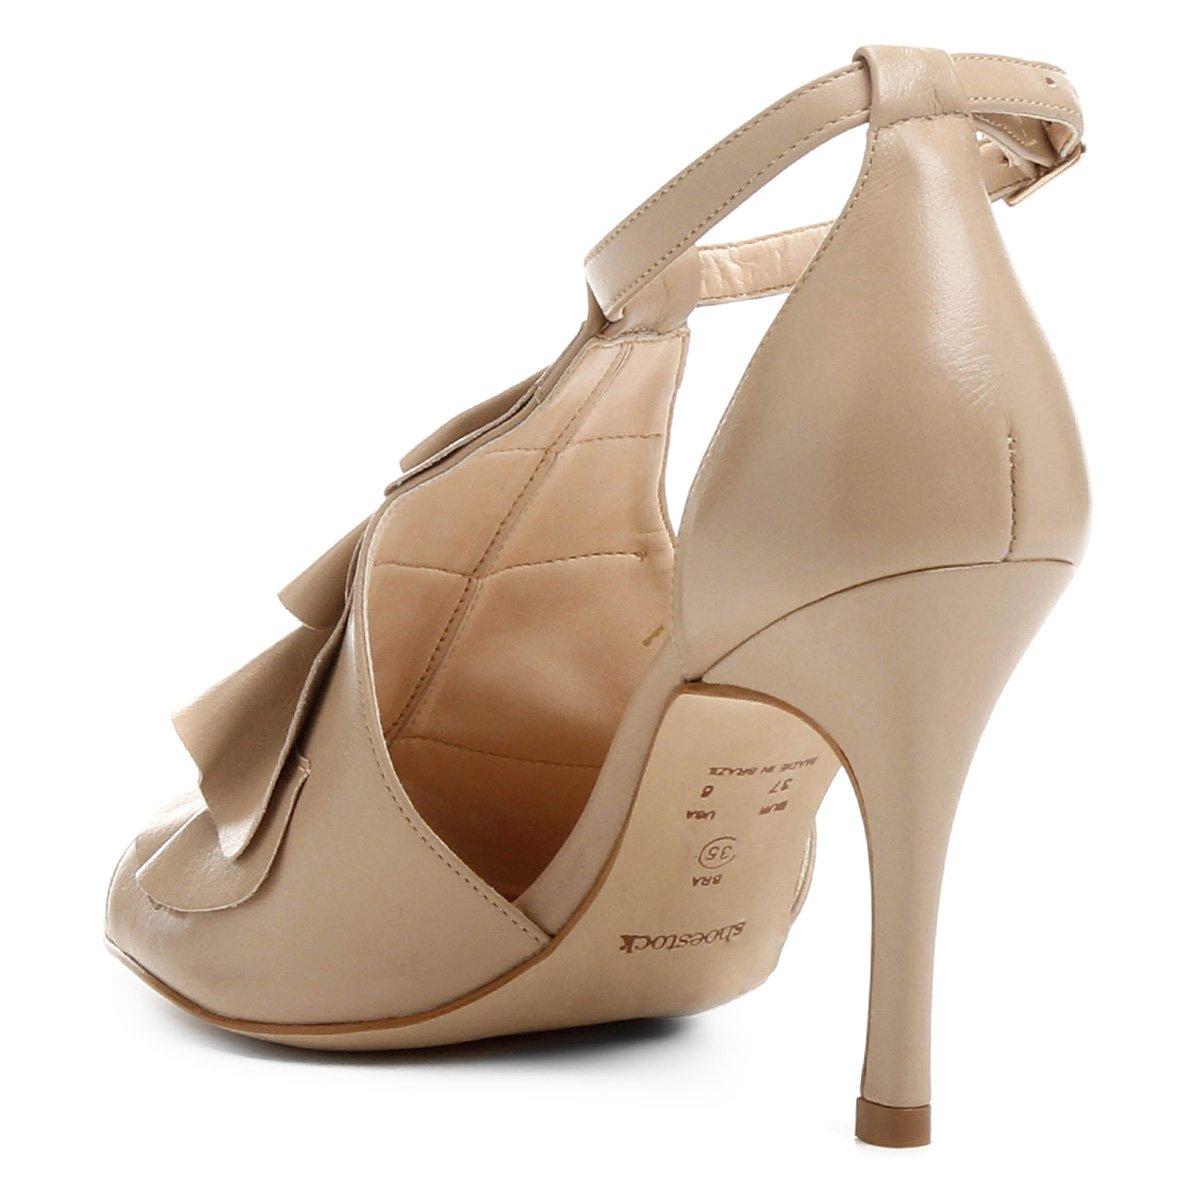 Bege Babados Babados Shoestock Sandália Shoestock Couro Sandália Feminina Couro Sandália Bege Feminina Couro wp7qg71